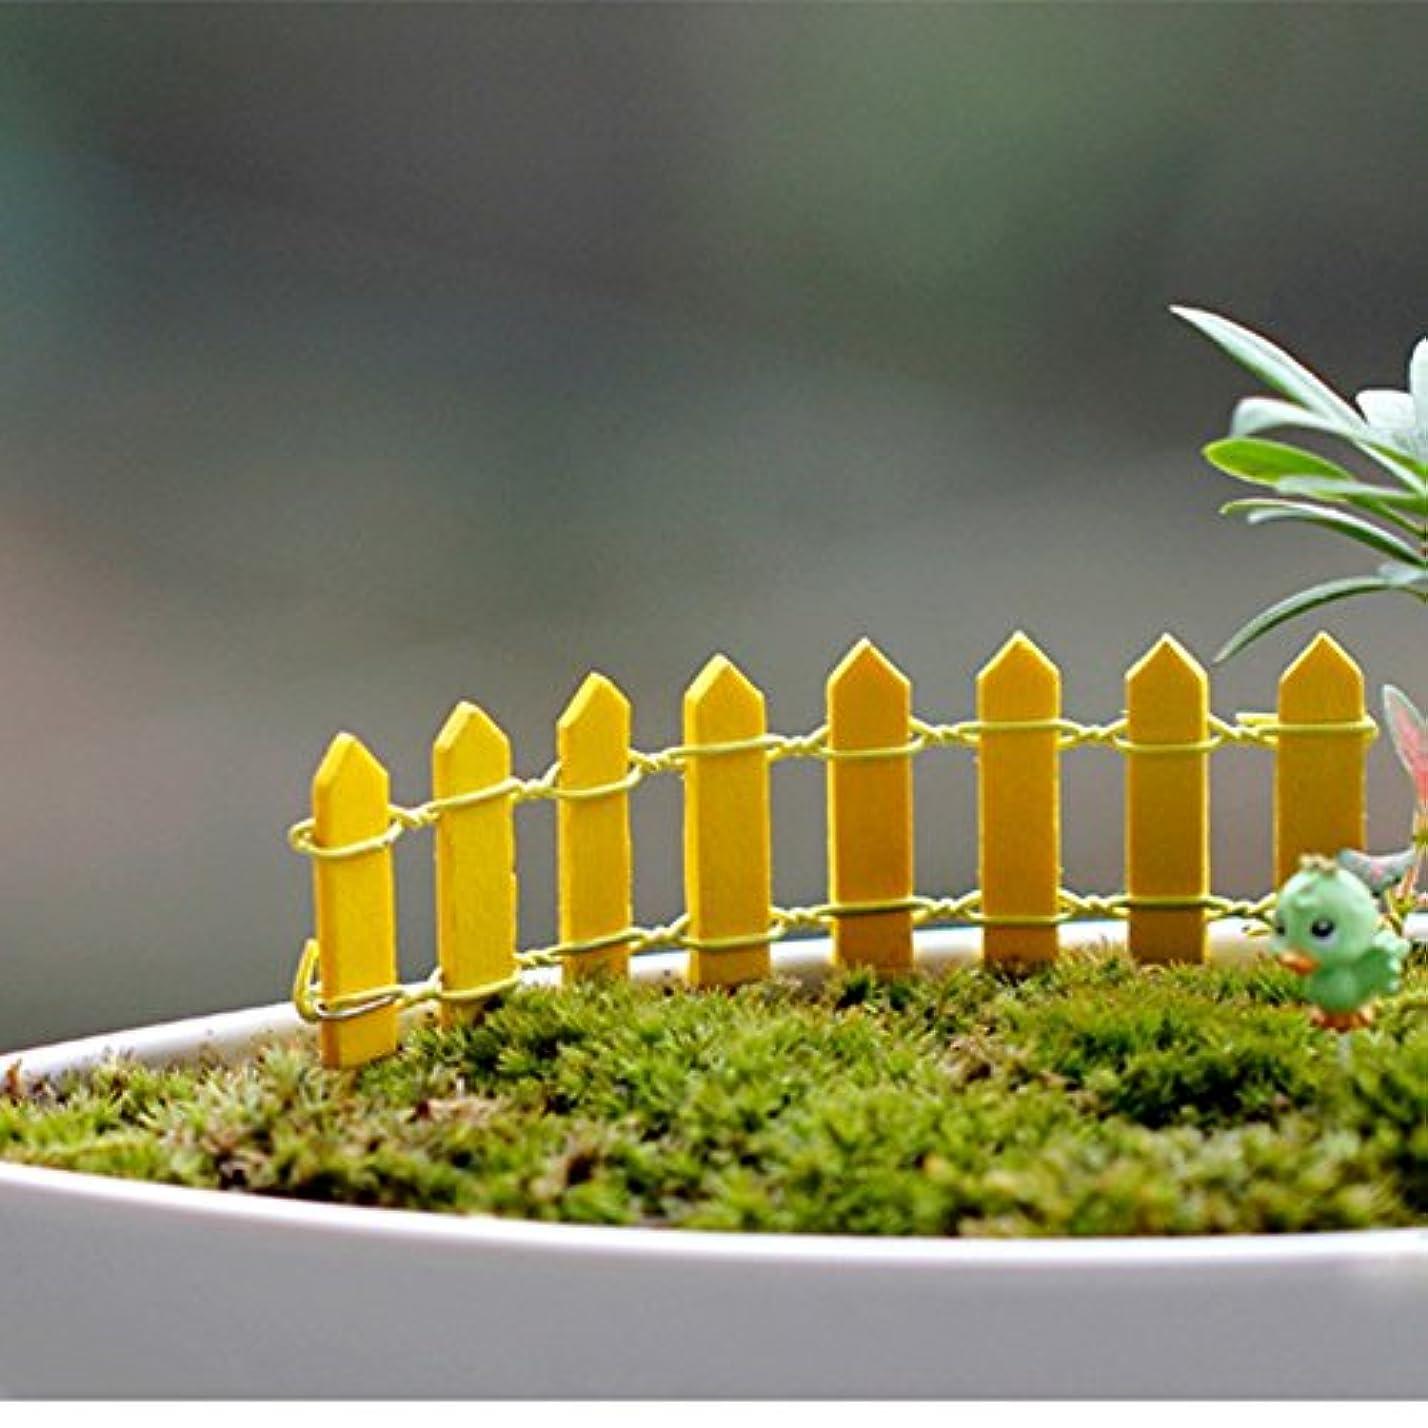 判読できない囲まれた人種Jicorzo - 20個DIY木製の小さなフェンスモステラリウム植木鉢工芸ミニおもちゃフェアリーガーデンミニチュア[イエロー]